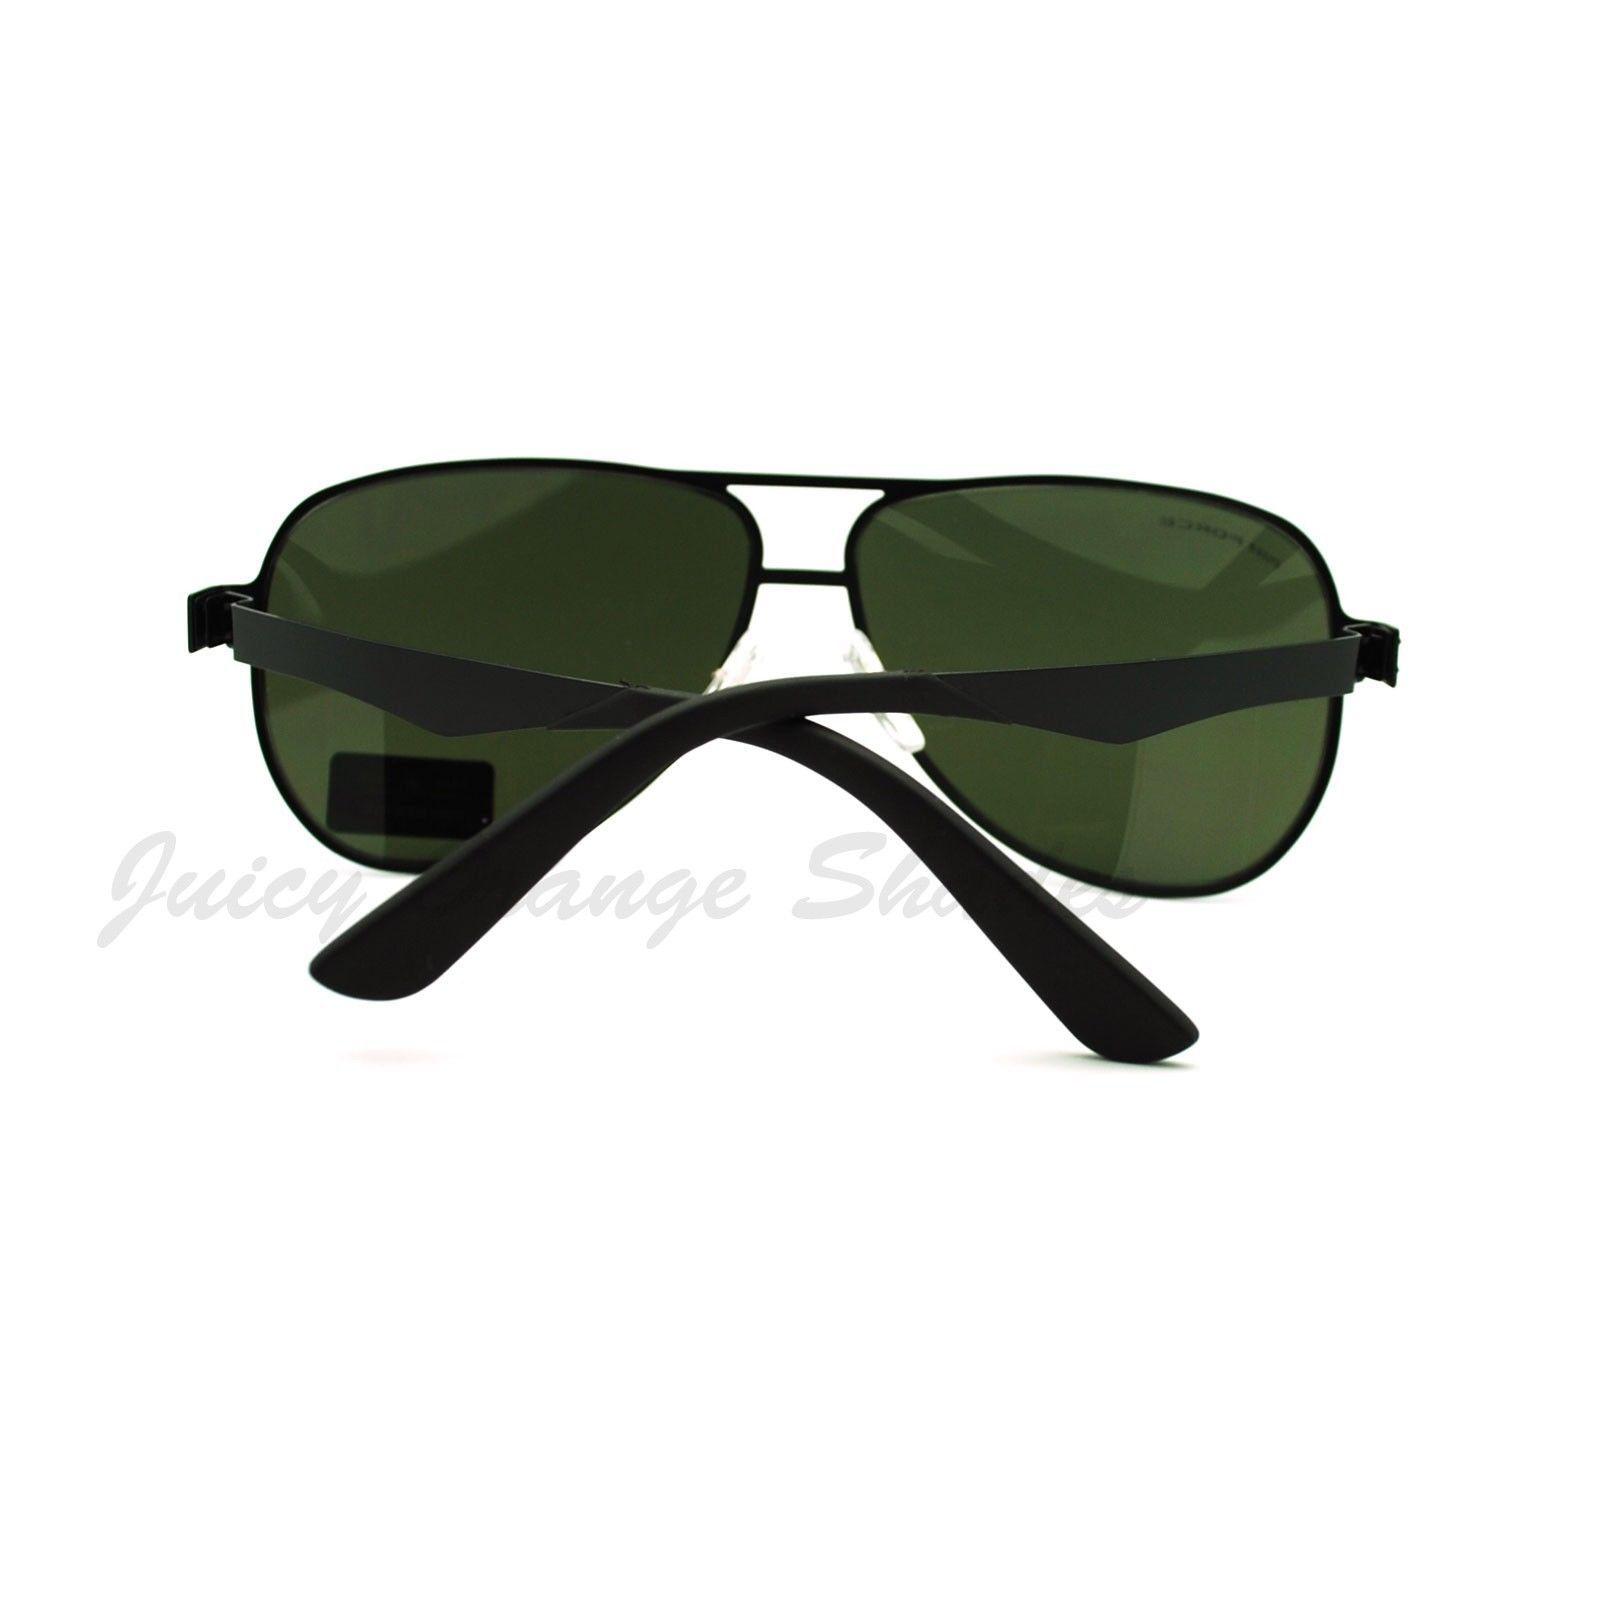 Spring Hinge Aviator Sunglasses Unisex Unique Flat Metal Frame